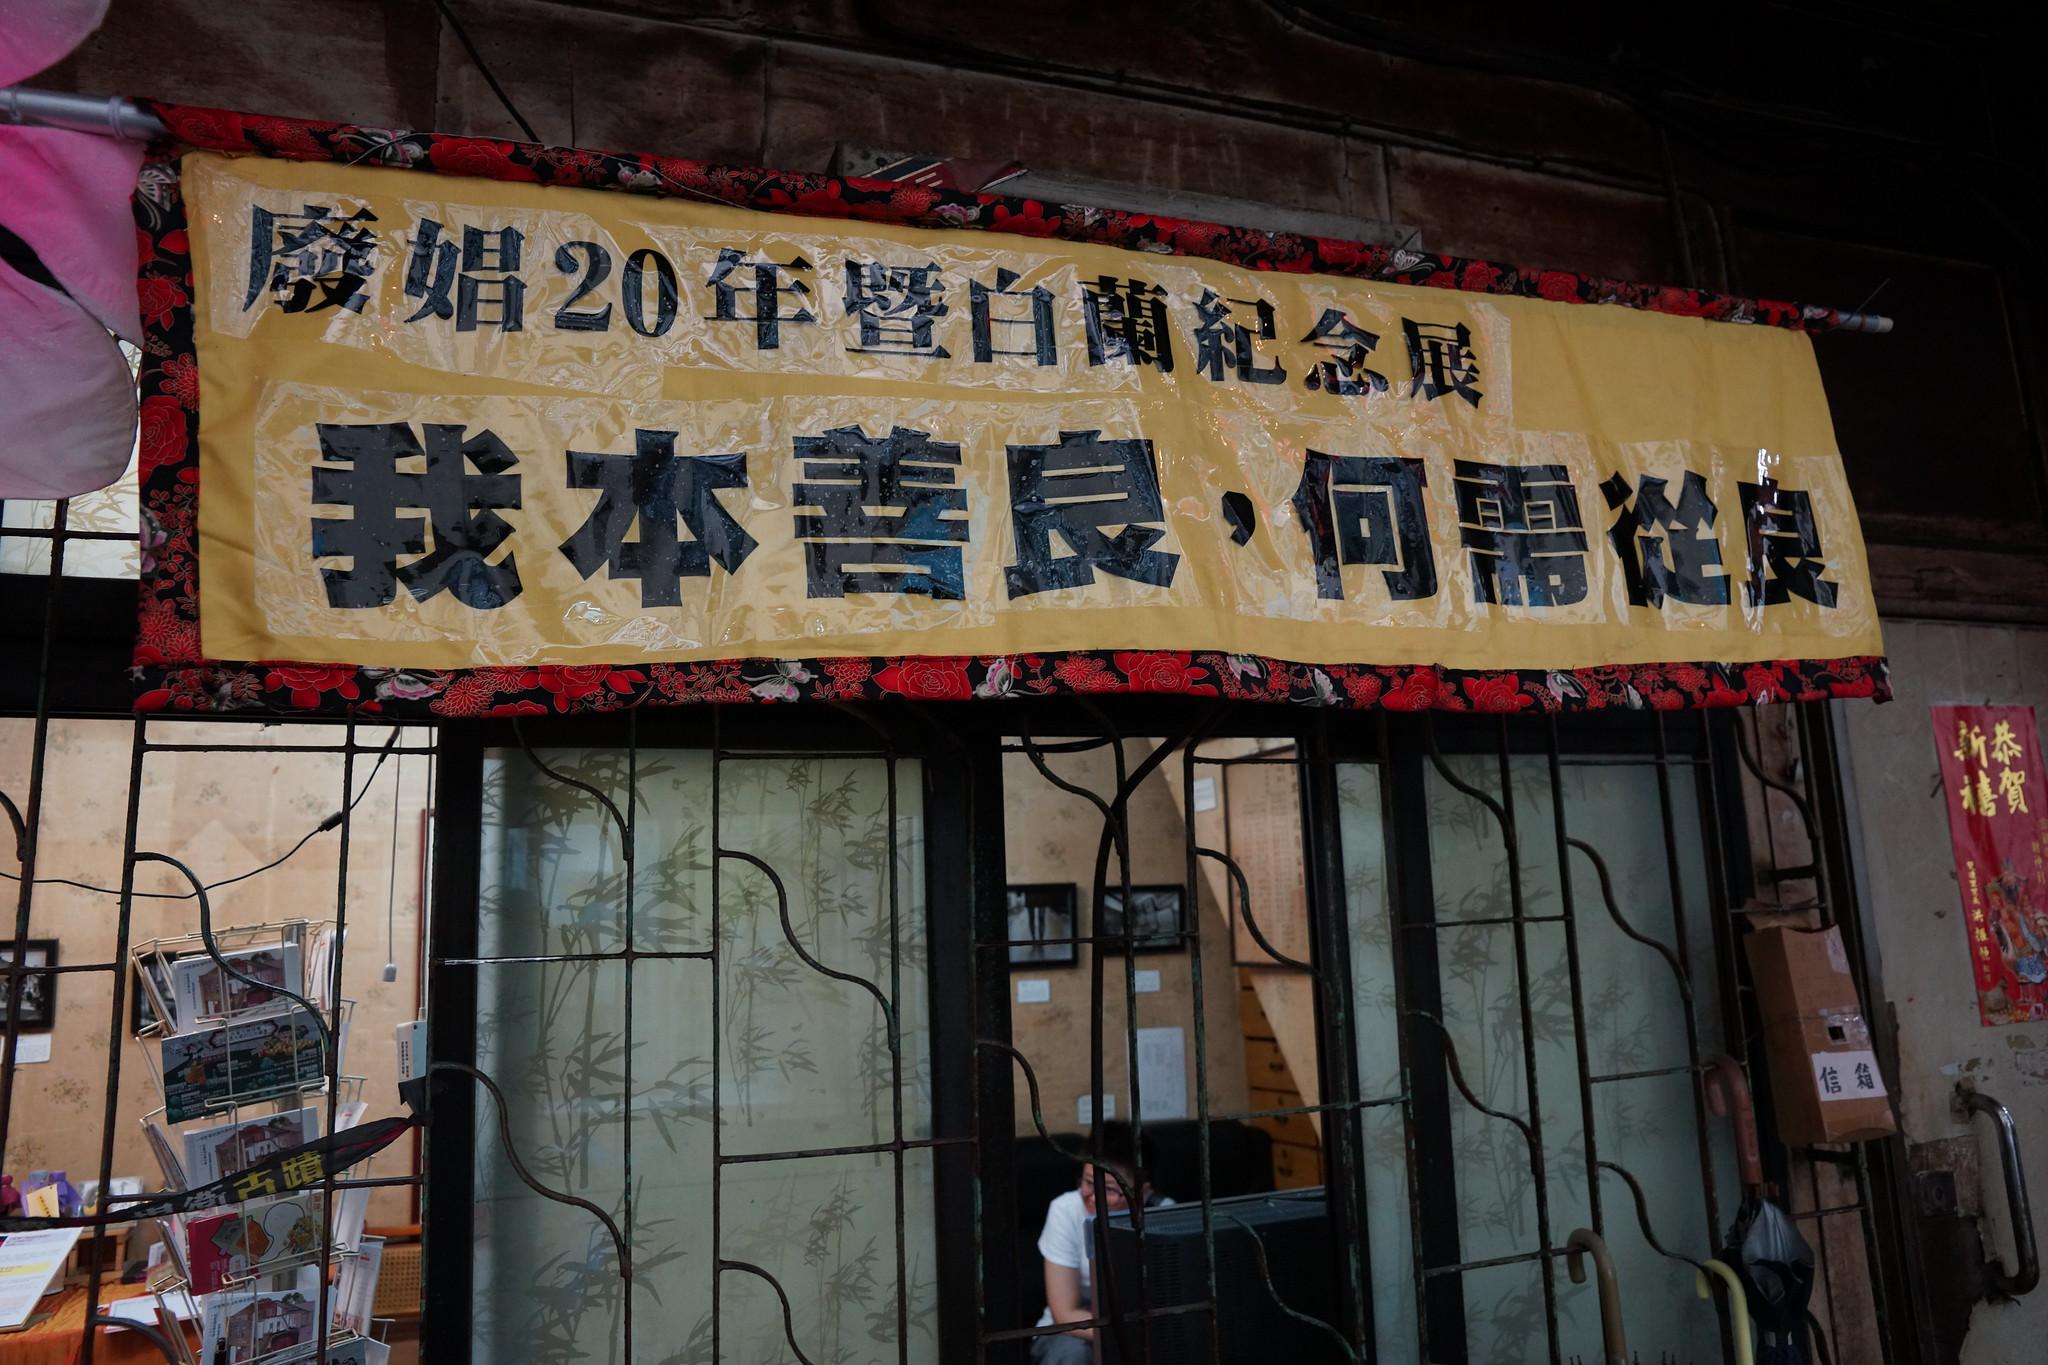 日日春在文萌樓舉辦廢娼20年暨白蘭紀念特展。(攝影:王顥中)